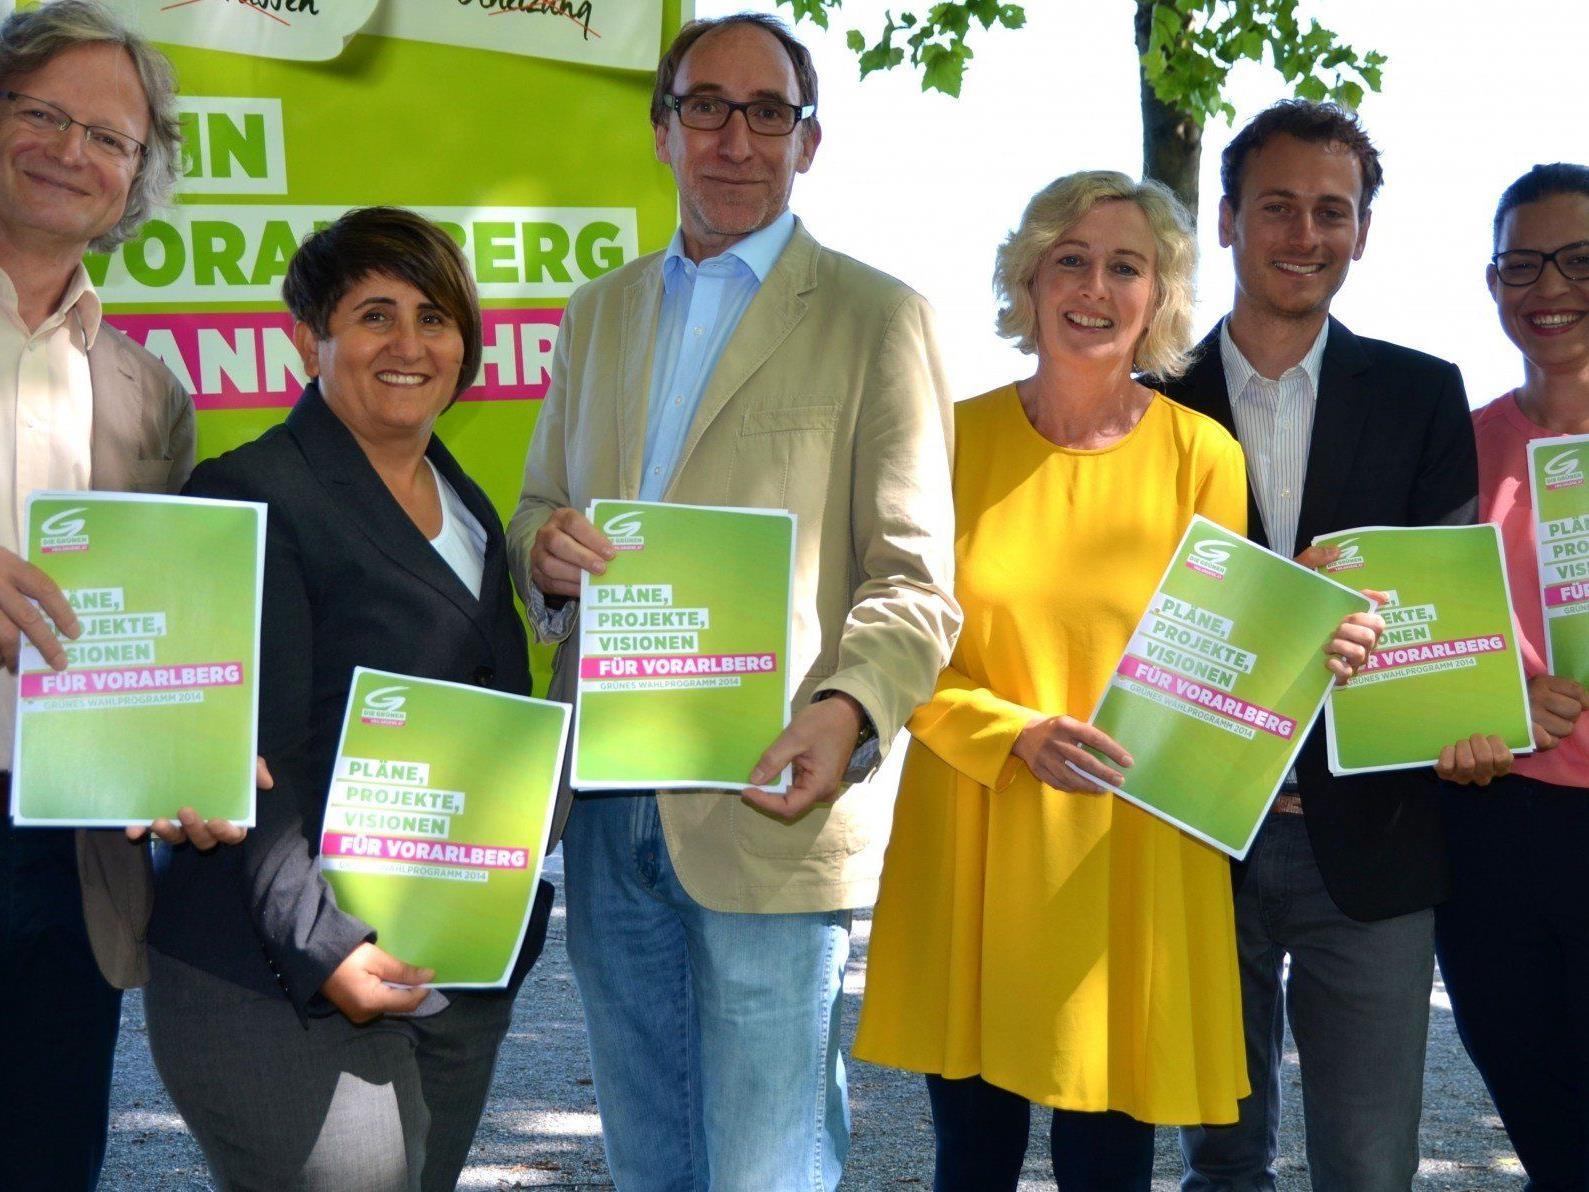 Wahlprogramm soll langfristiges Zukunftsprogramm sein - Wahlkampfbudget beträgt 344.000 Euro.